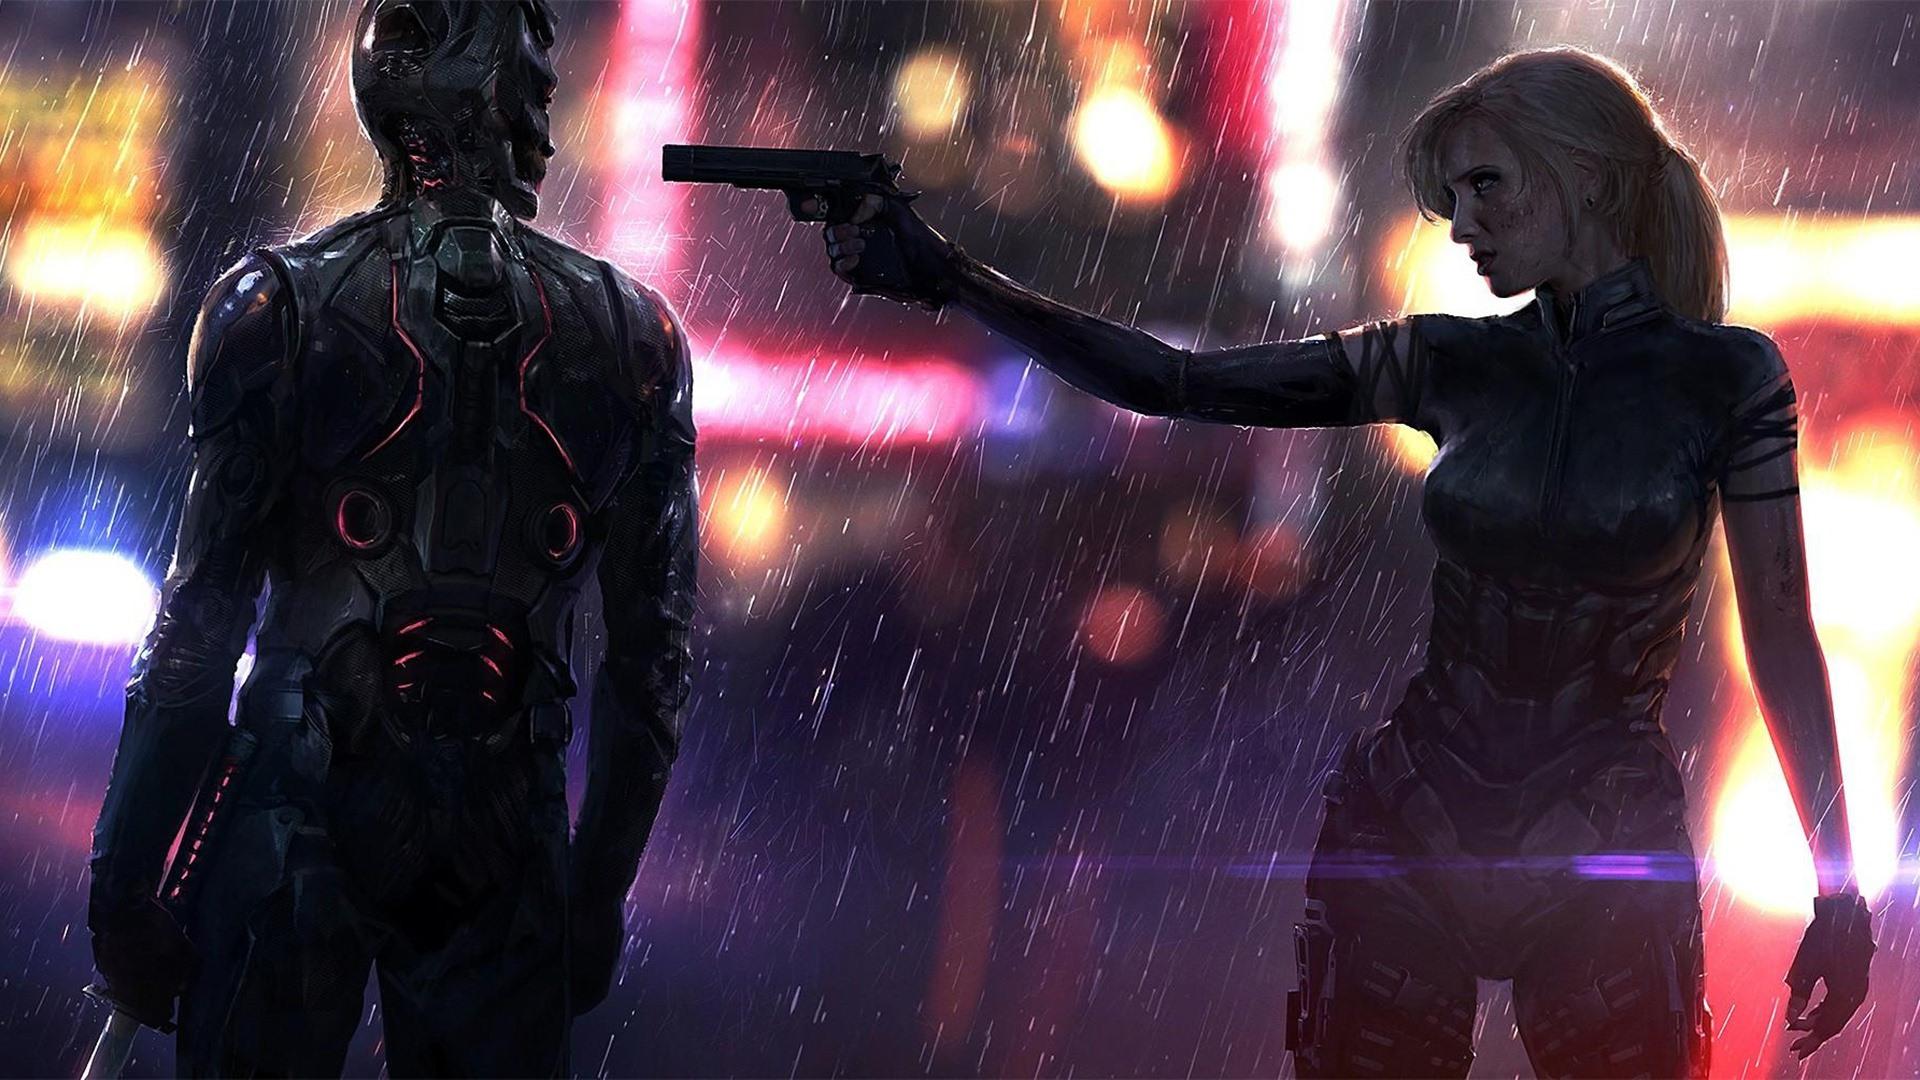 Cyberpunk-2077-girl-cyborg-gun-rain_1920